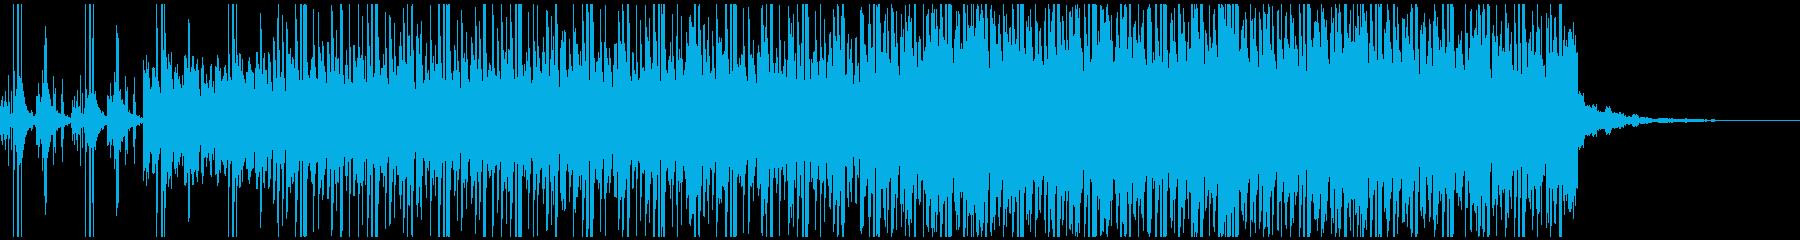 1分CM仕様ブラス/電子的トリップホップの再生済みの波形